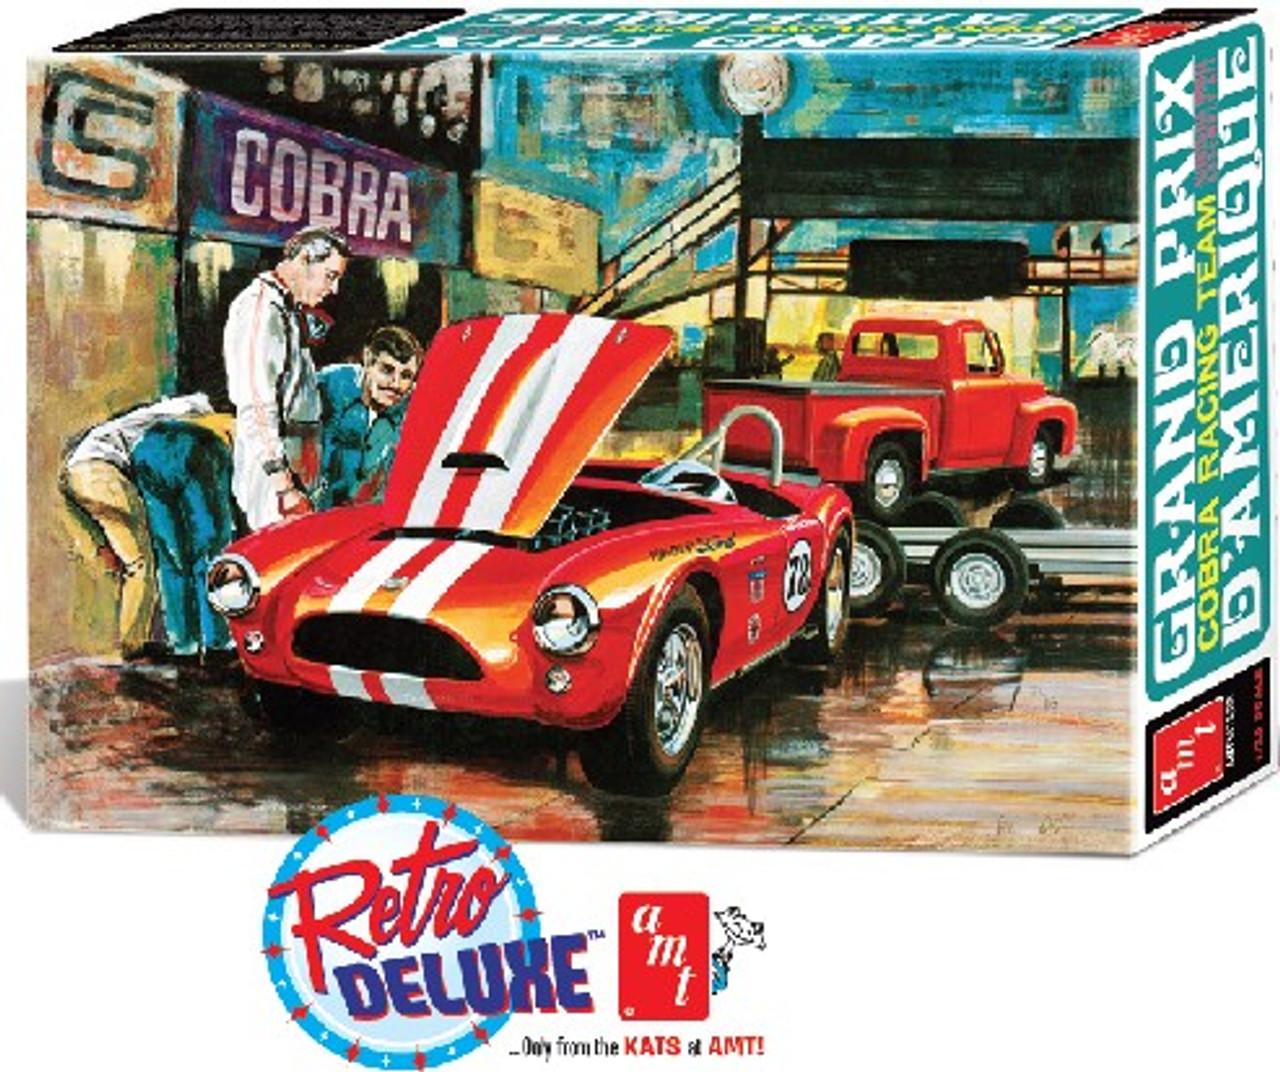 AMT-1073  1/25 Grand Prix Cobra Racing Team: Shelby Cobra Race Car, 1953 Ford Pi